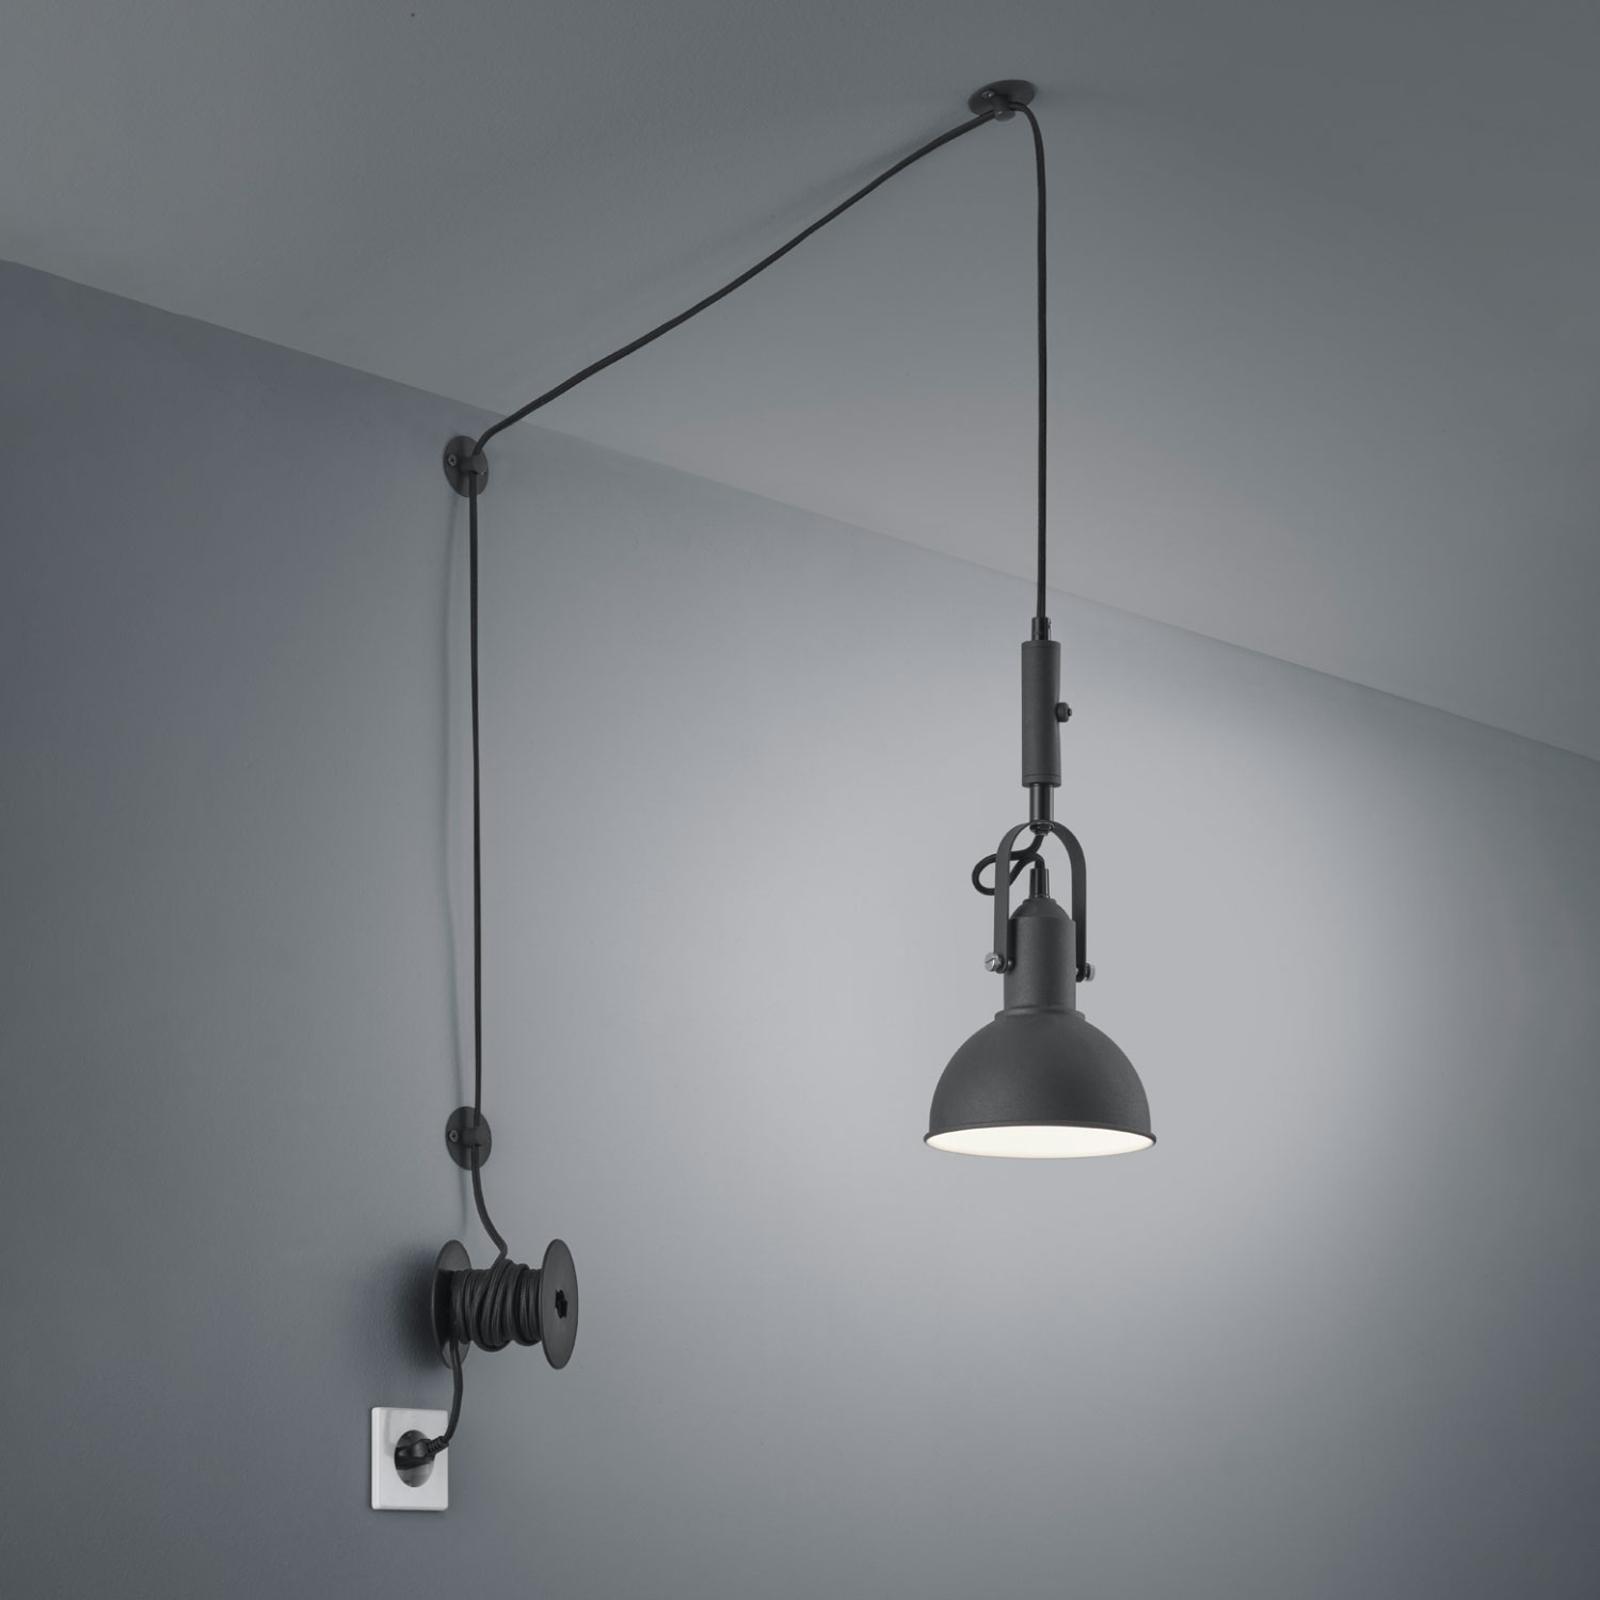 Lampa wisząca Carlotta z wtyczką, czarna